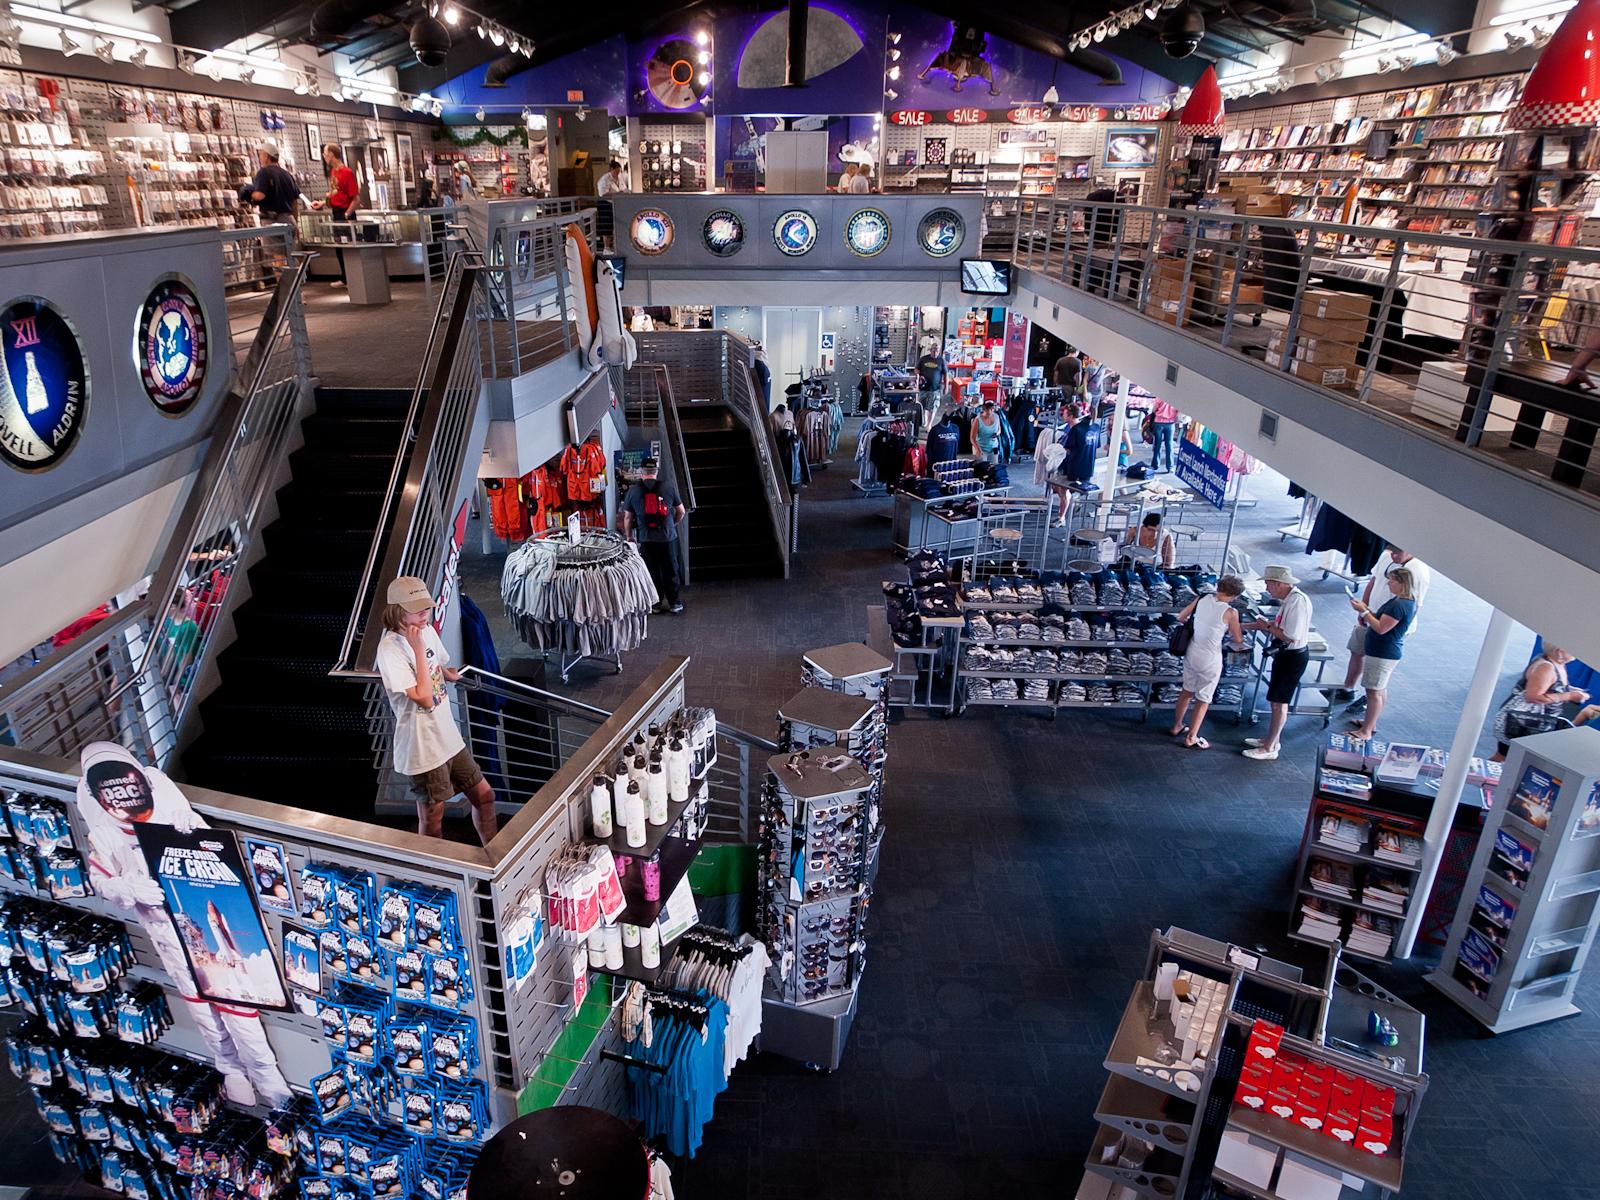 nasa merchandise store - photo #17